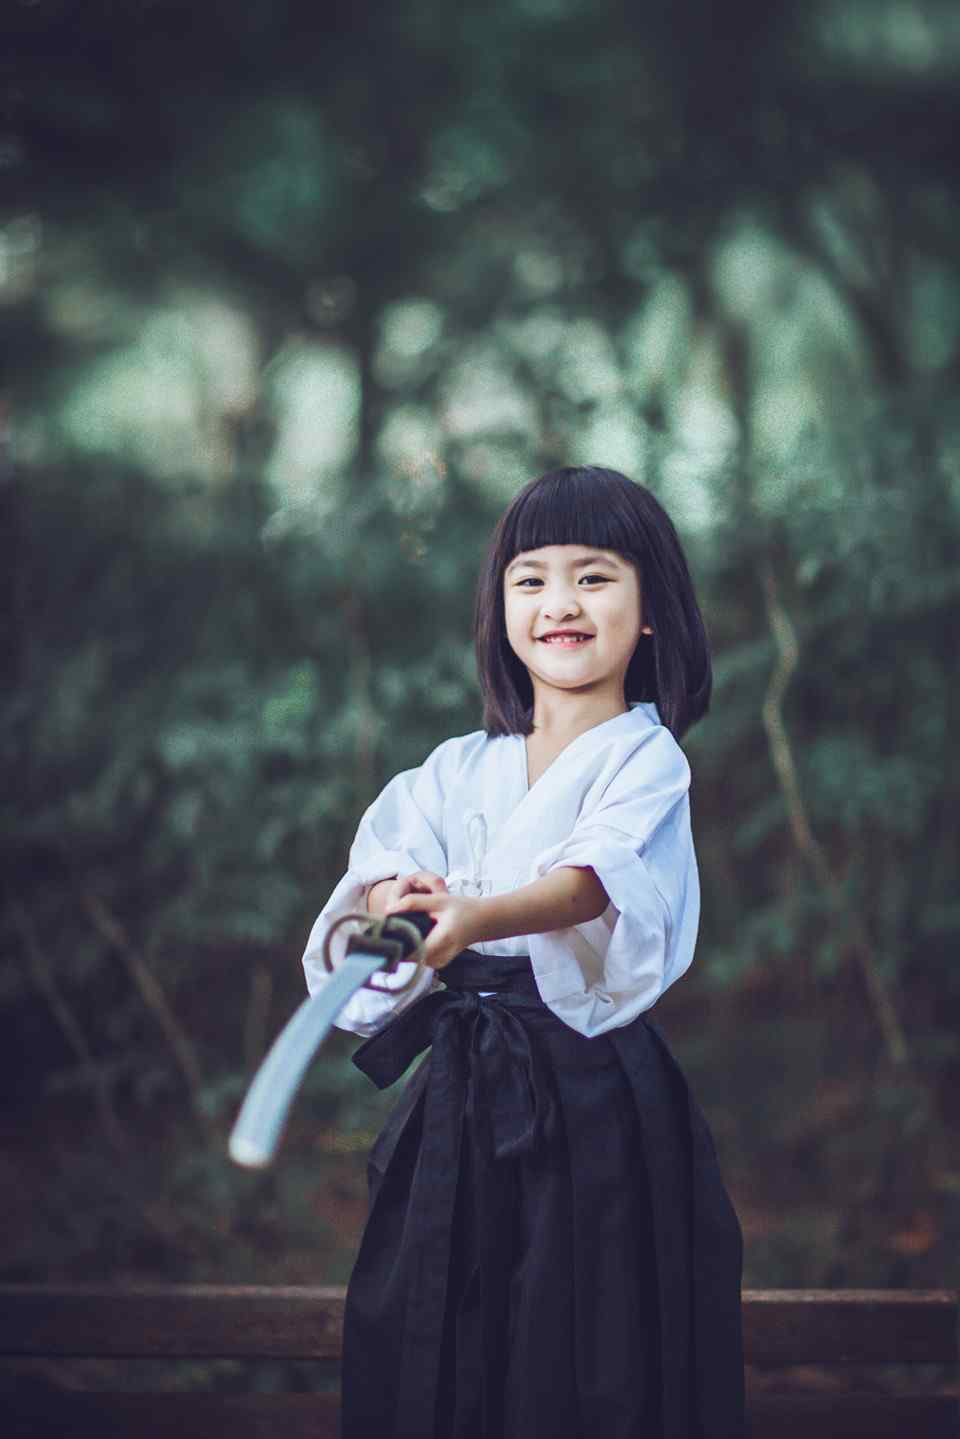 儿童节之可爱小姑娘手机壁纸